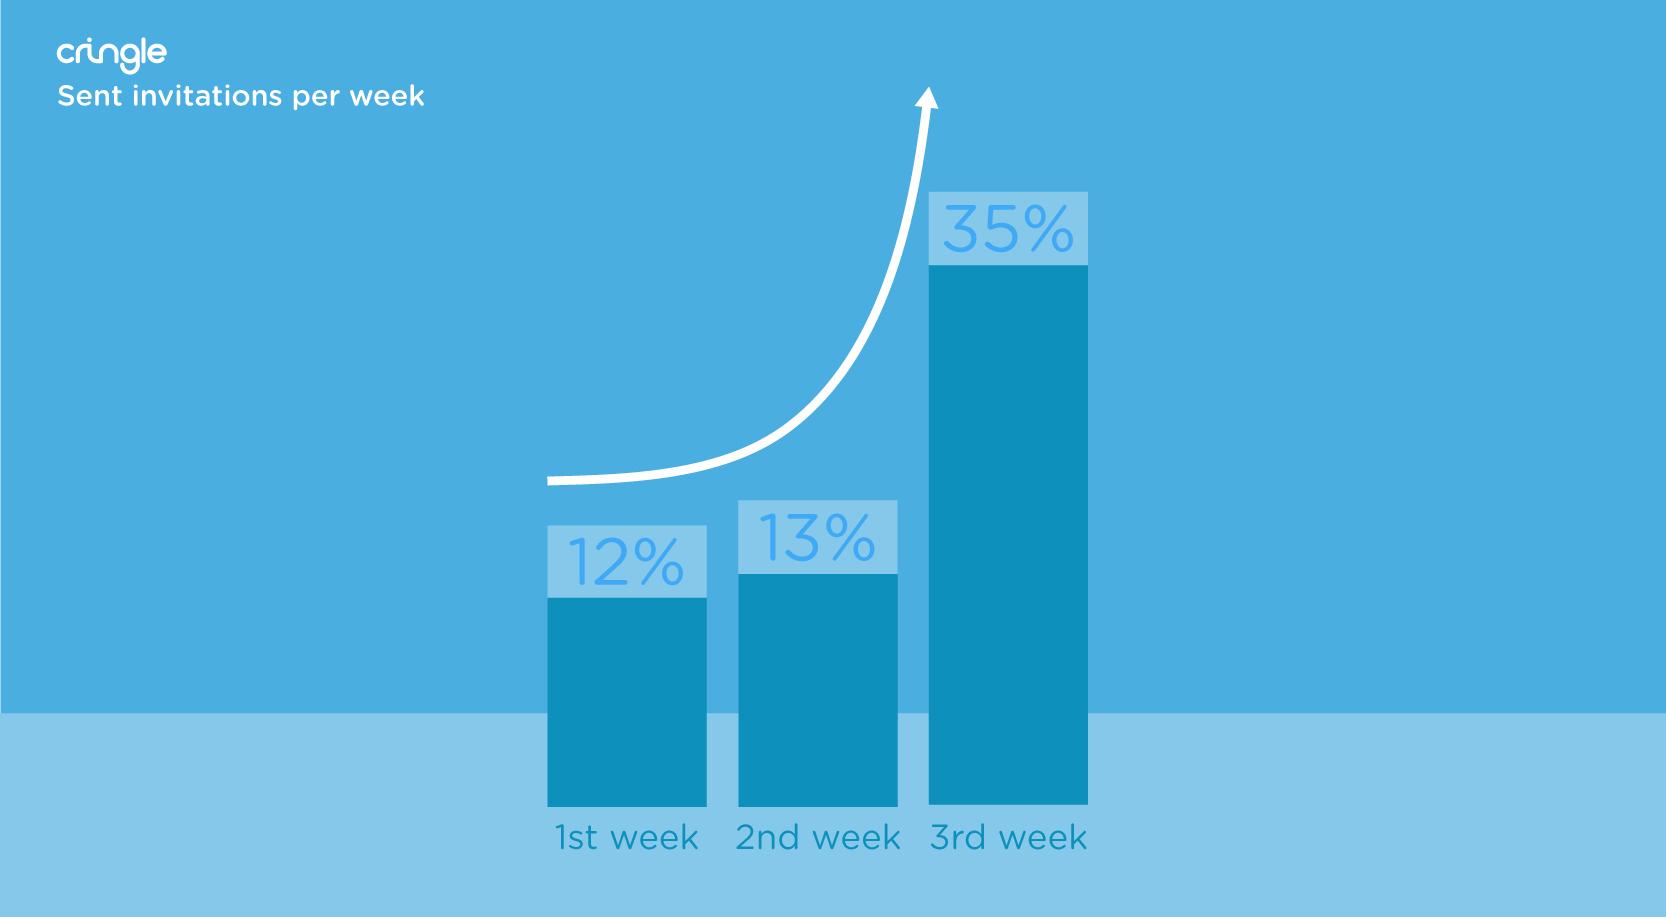 Cringle - Sent invitations per week